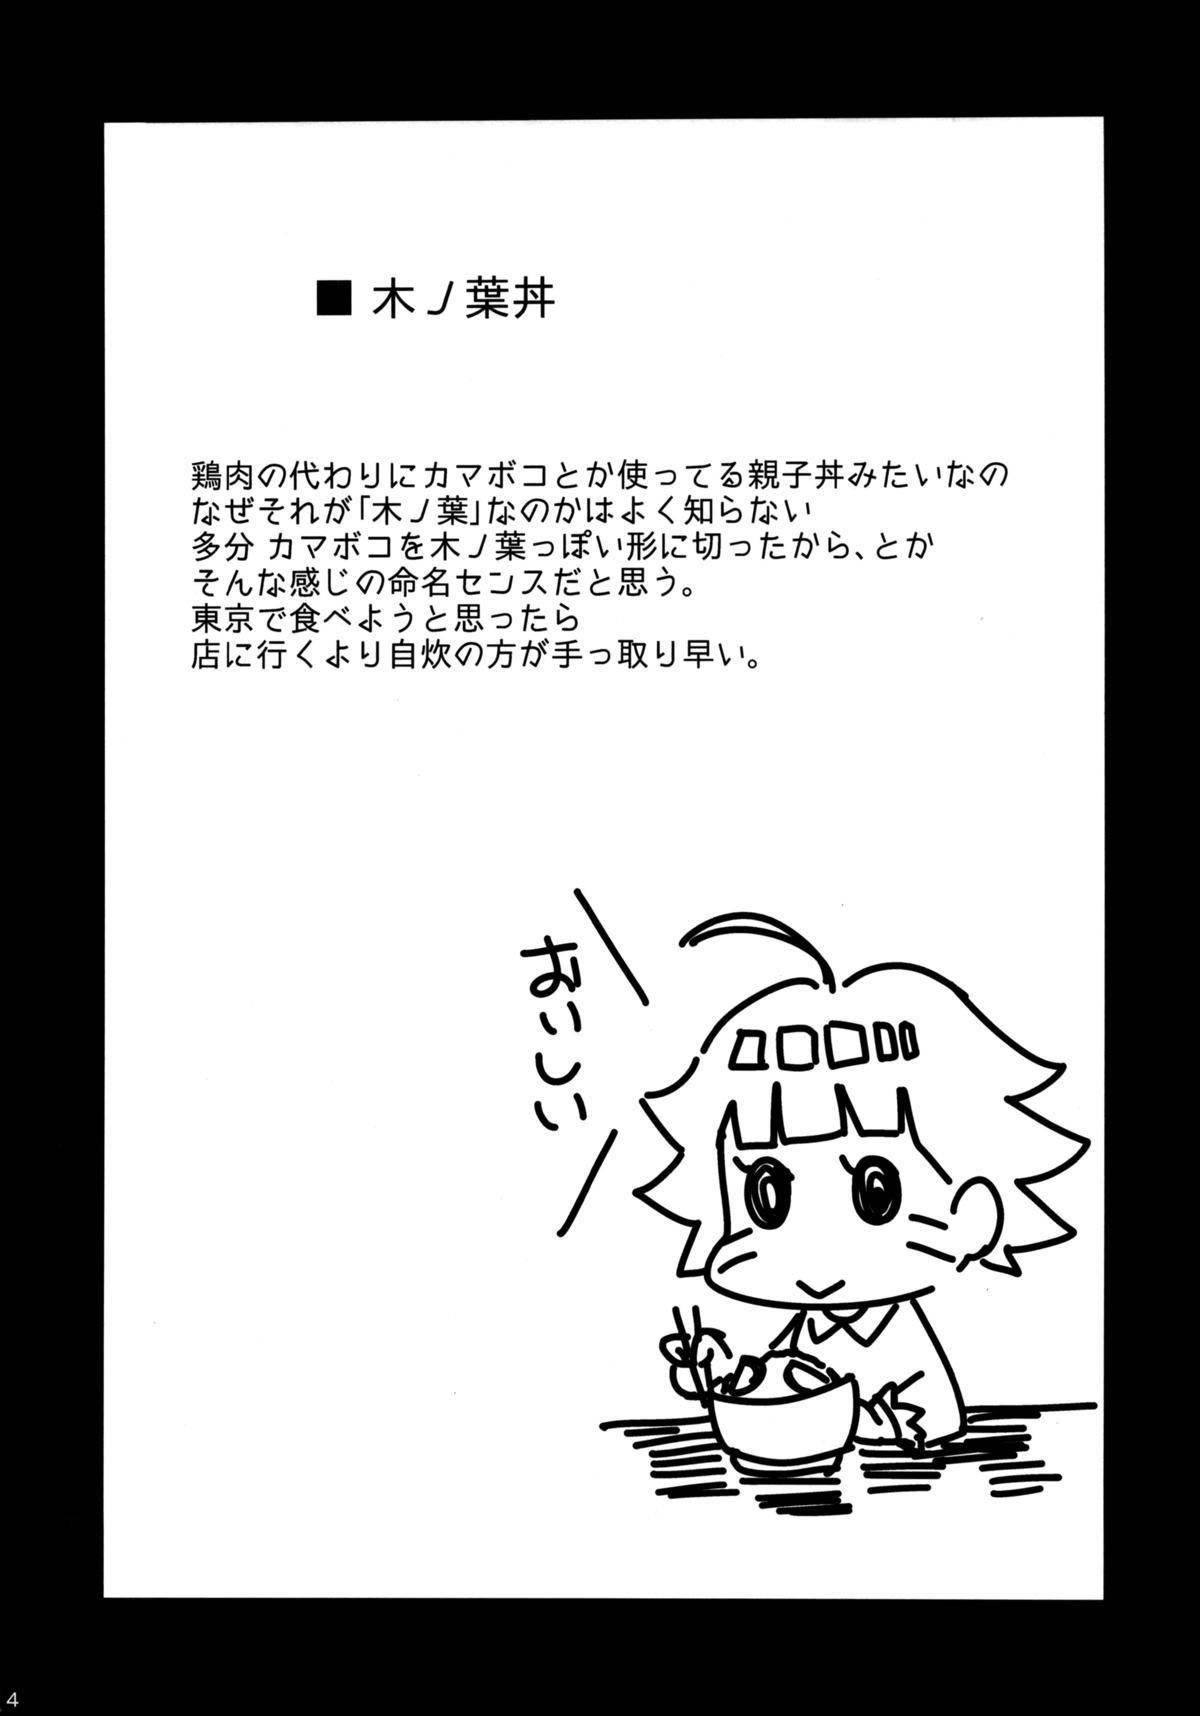 konoha-donburi 2